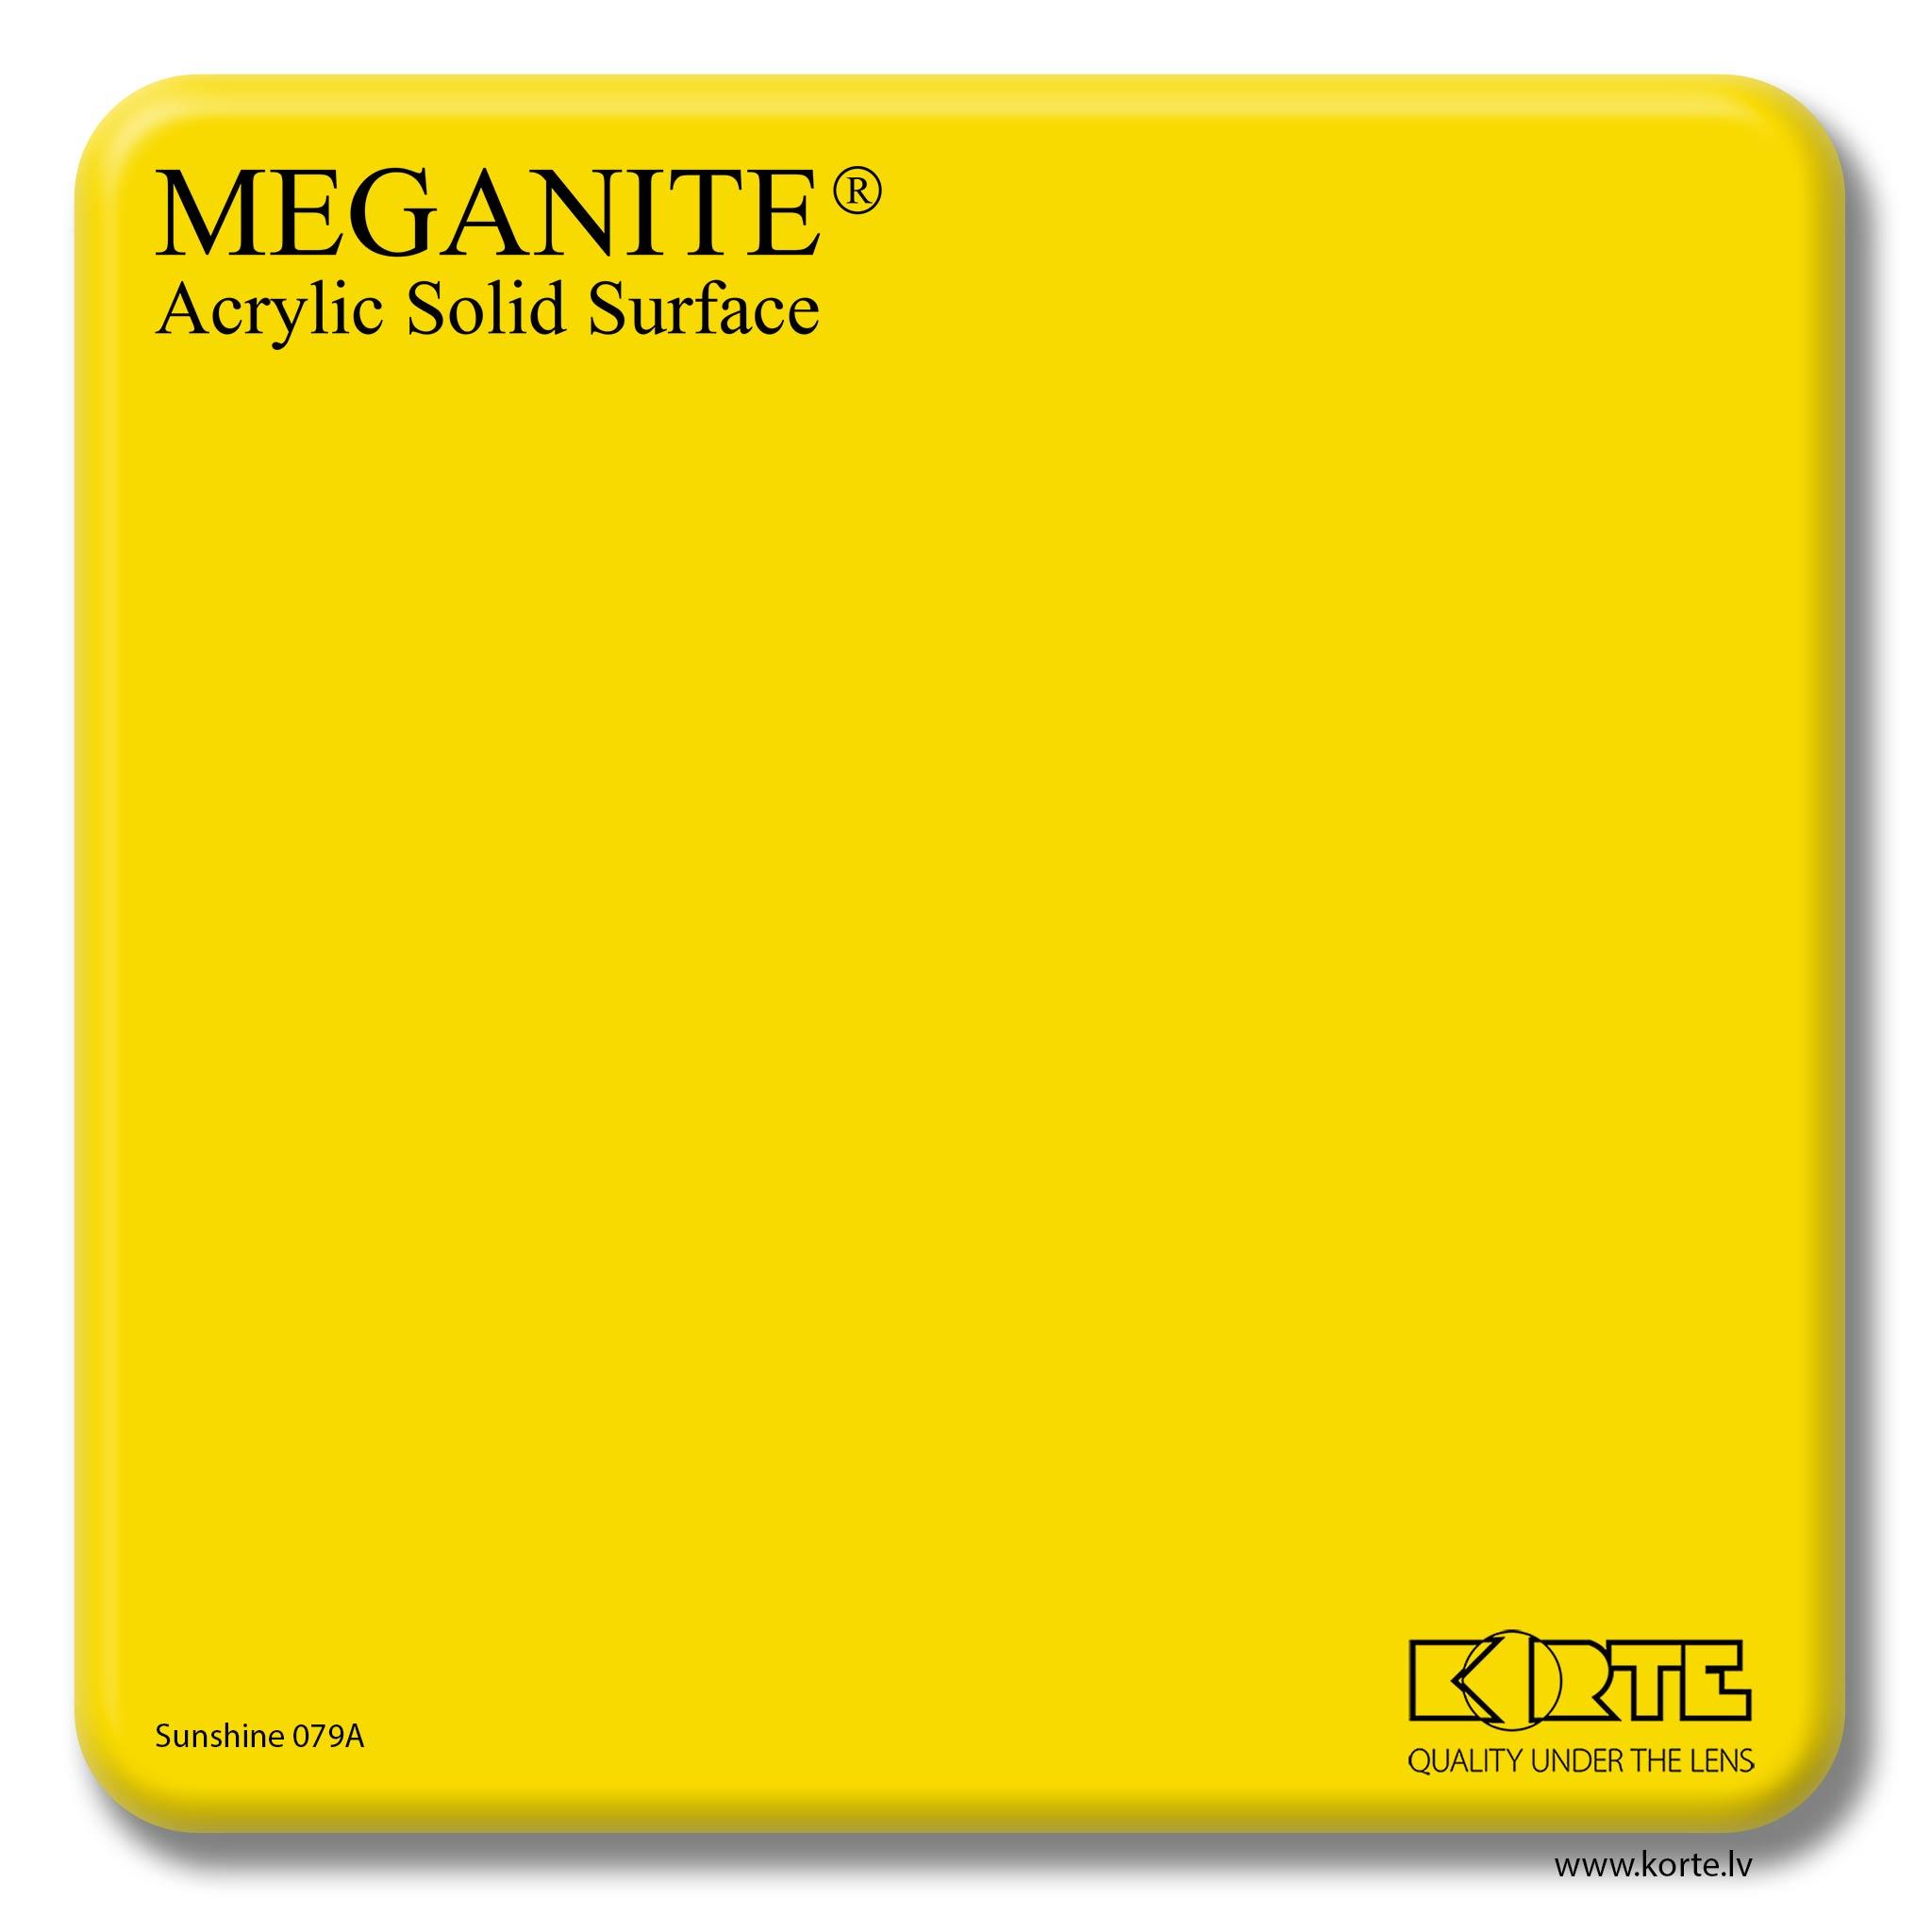 Meganite Sunshine 079A